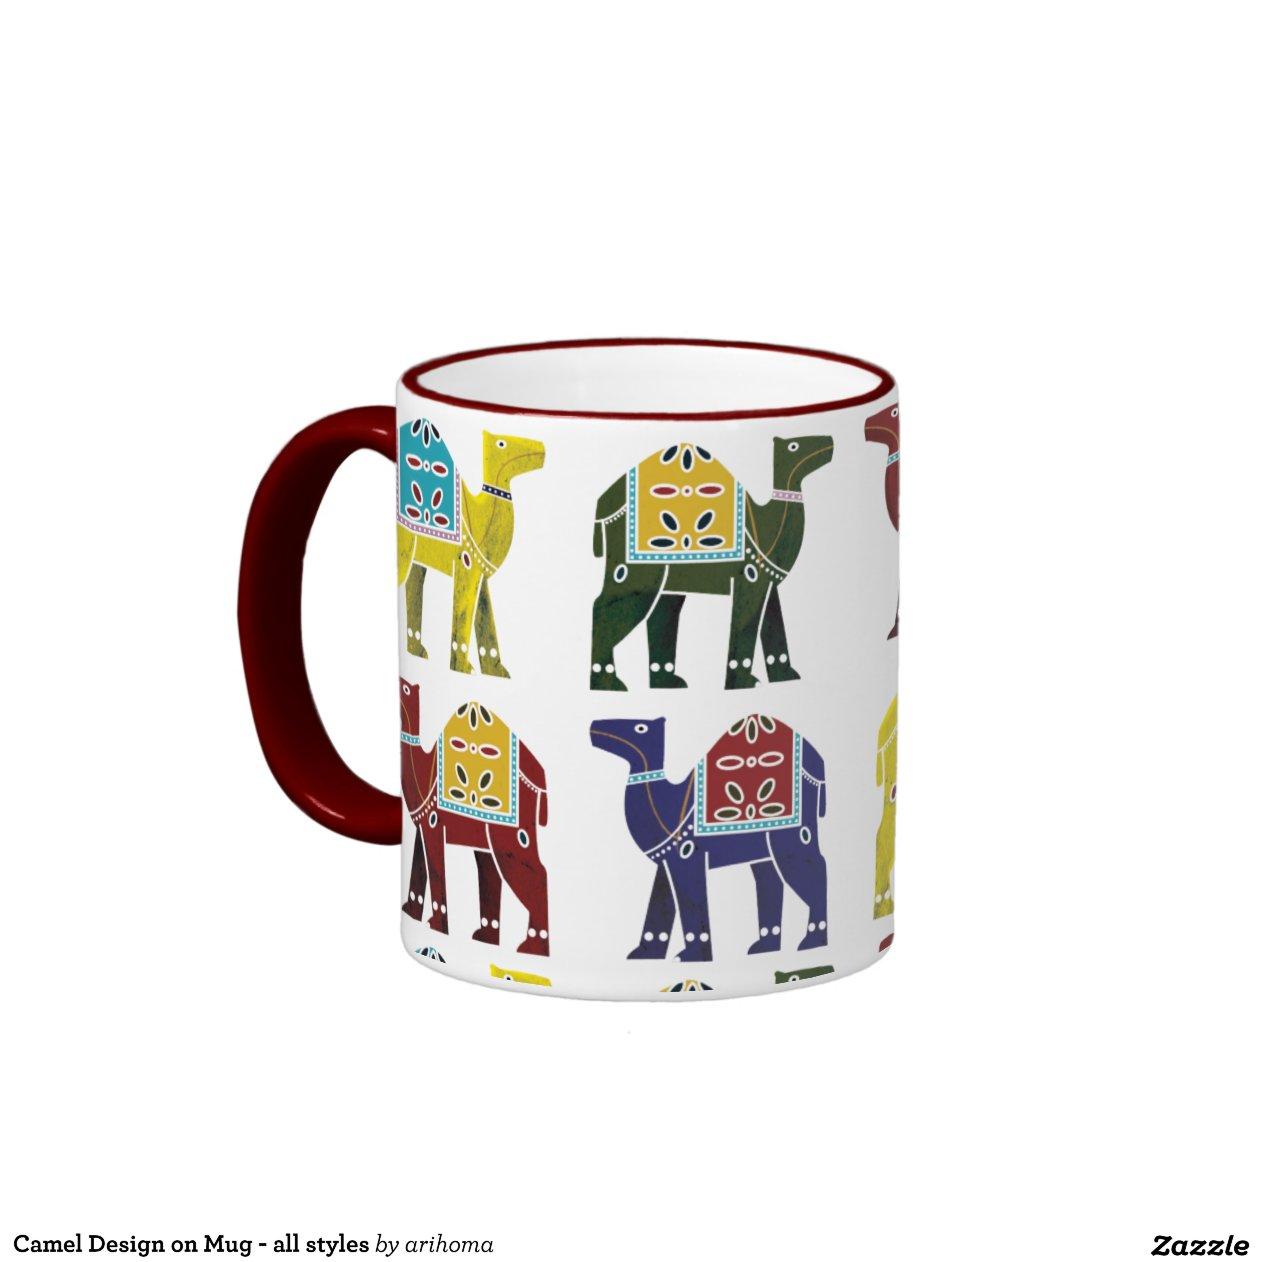 conception de chameau sur la tasse tous les styl zazzle. Black Bedroom Furniture Sets. Home Design Ideas